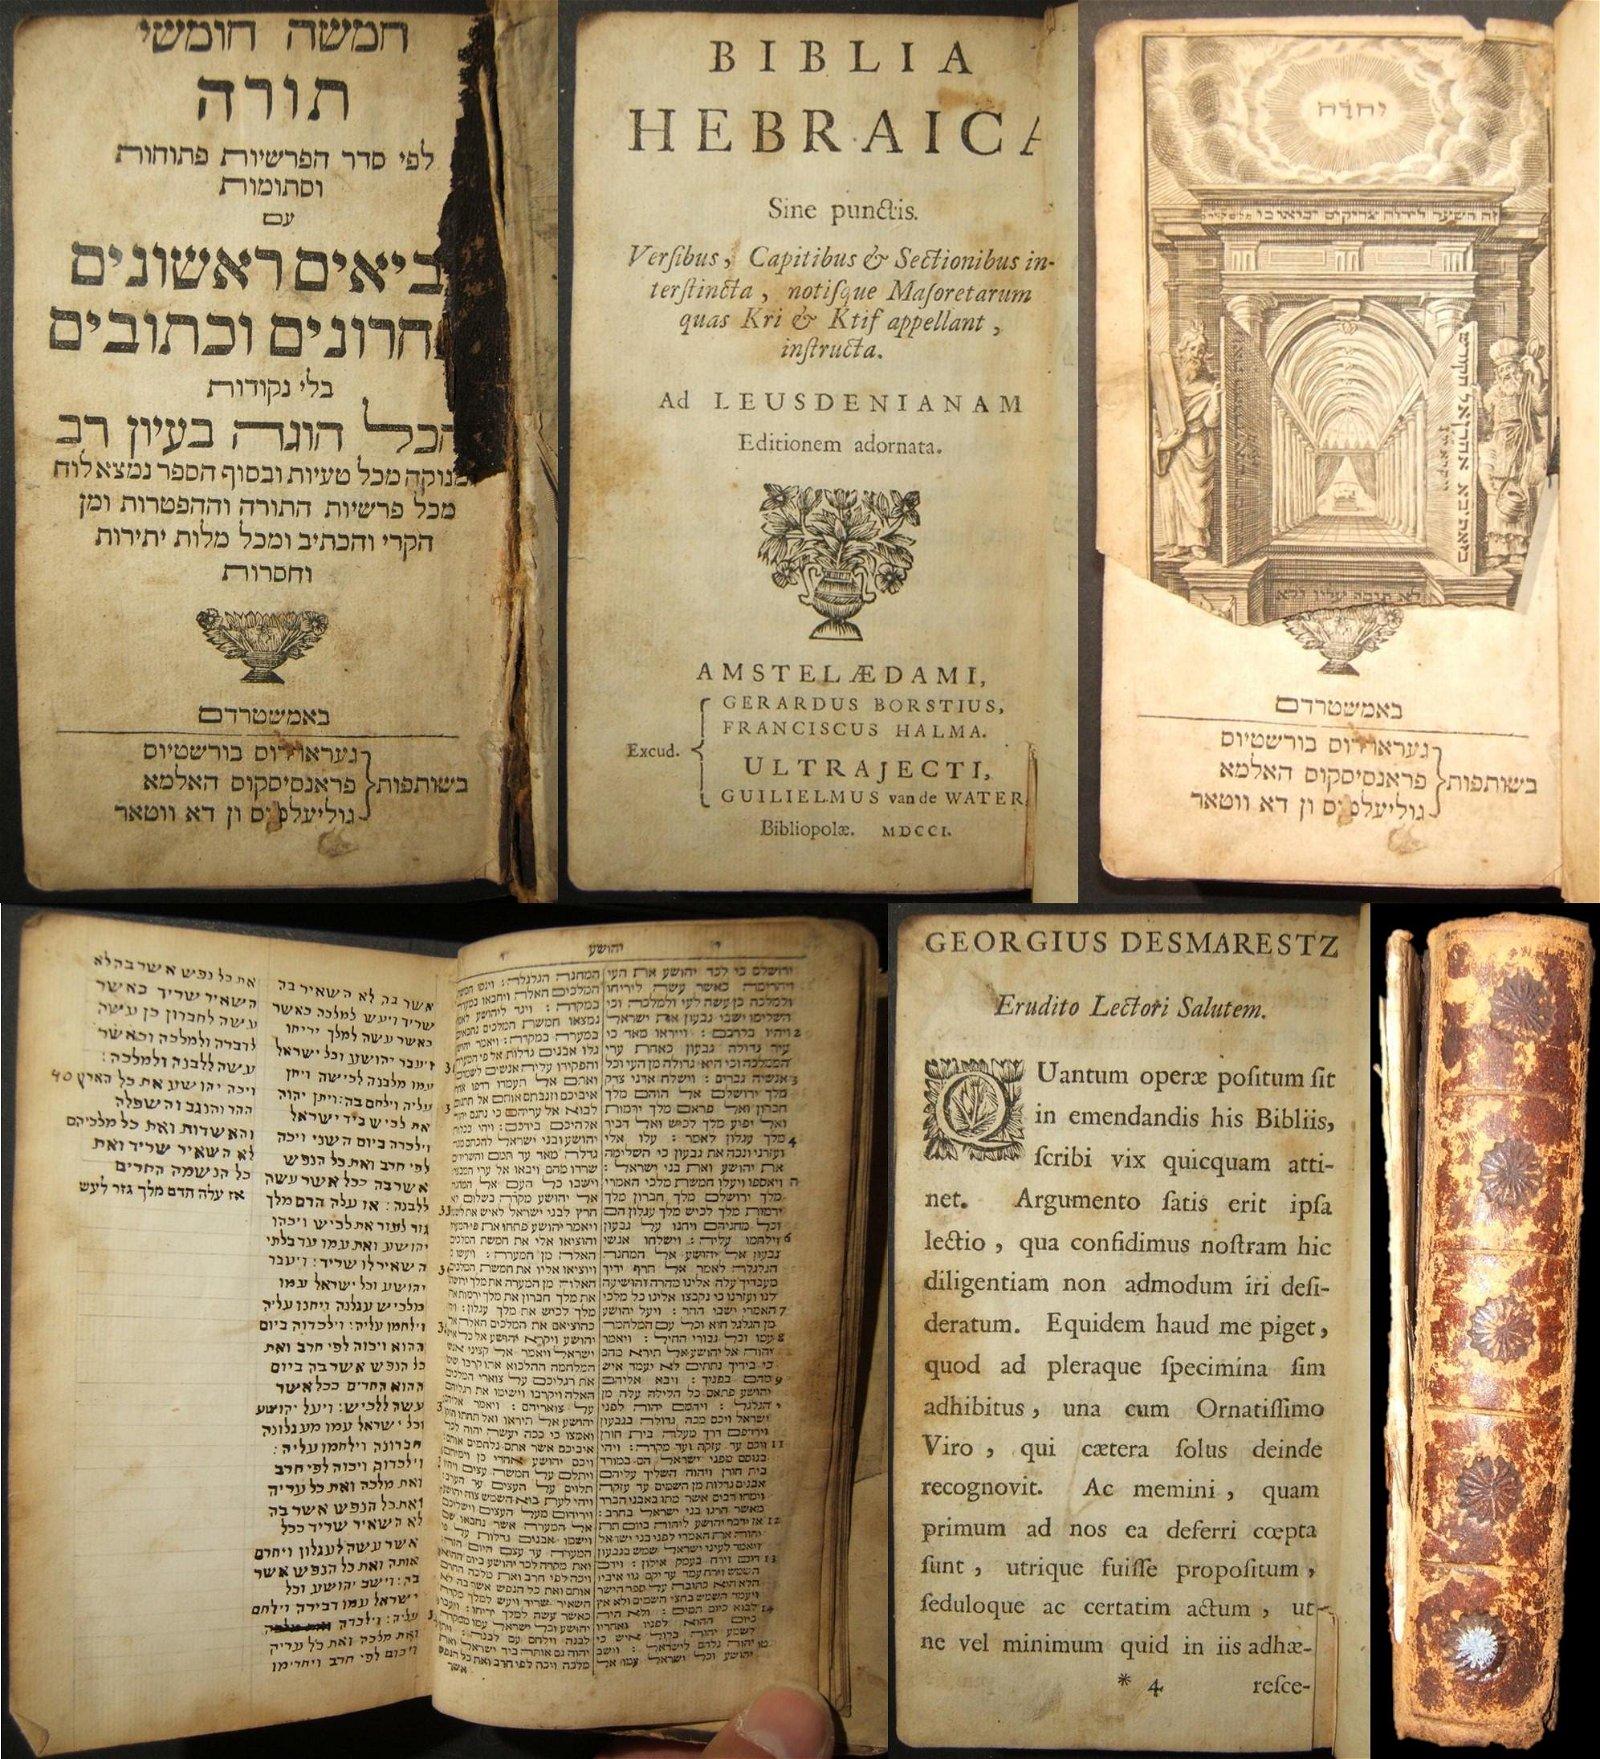 Dutch Latin/Hebrew Biblia Hebraica Tanach, part 2;